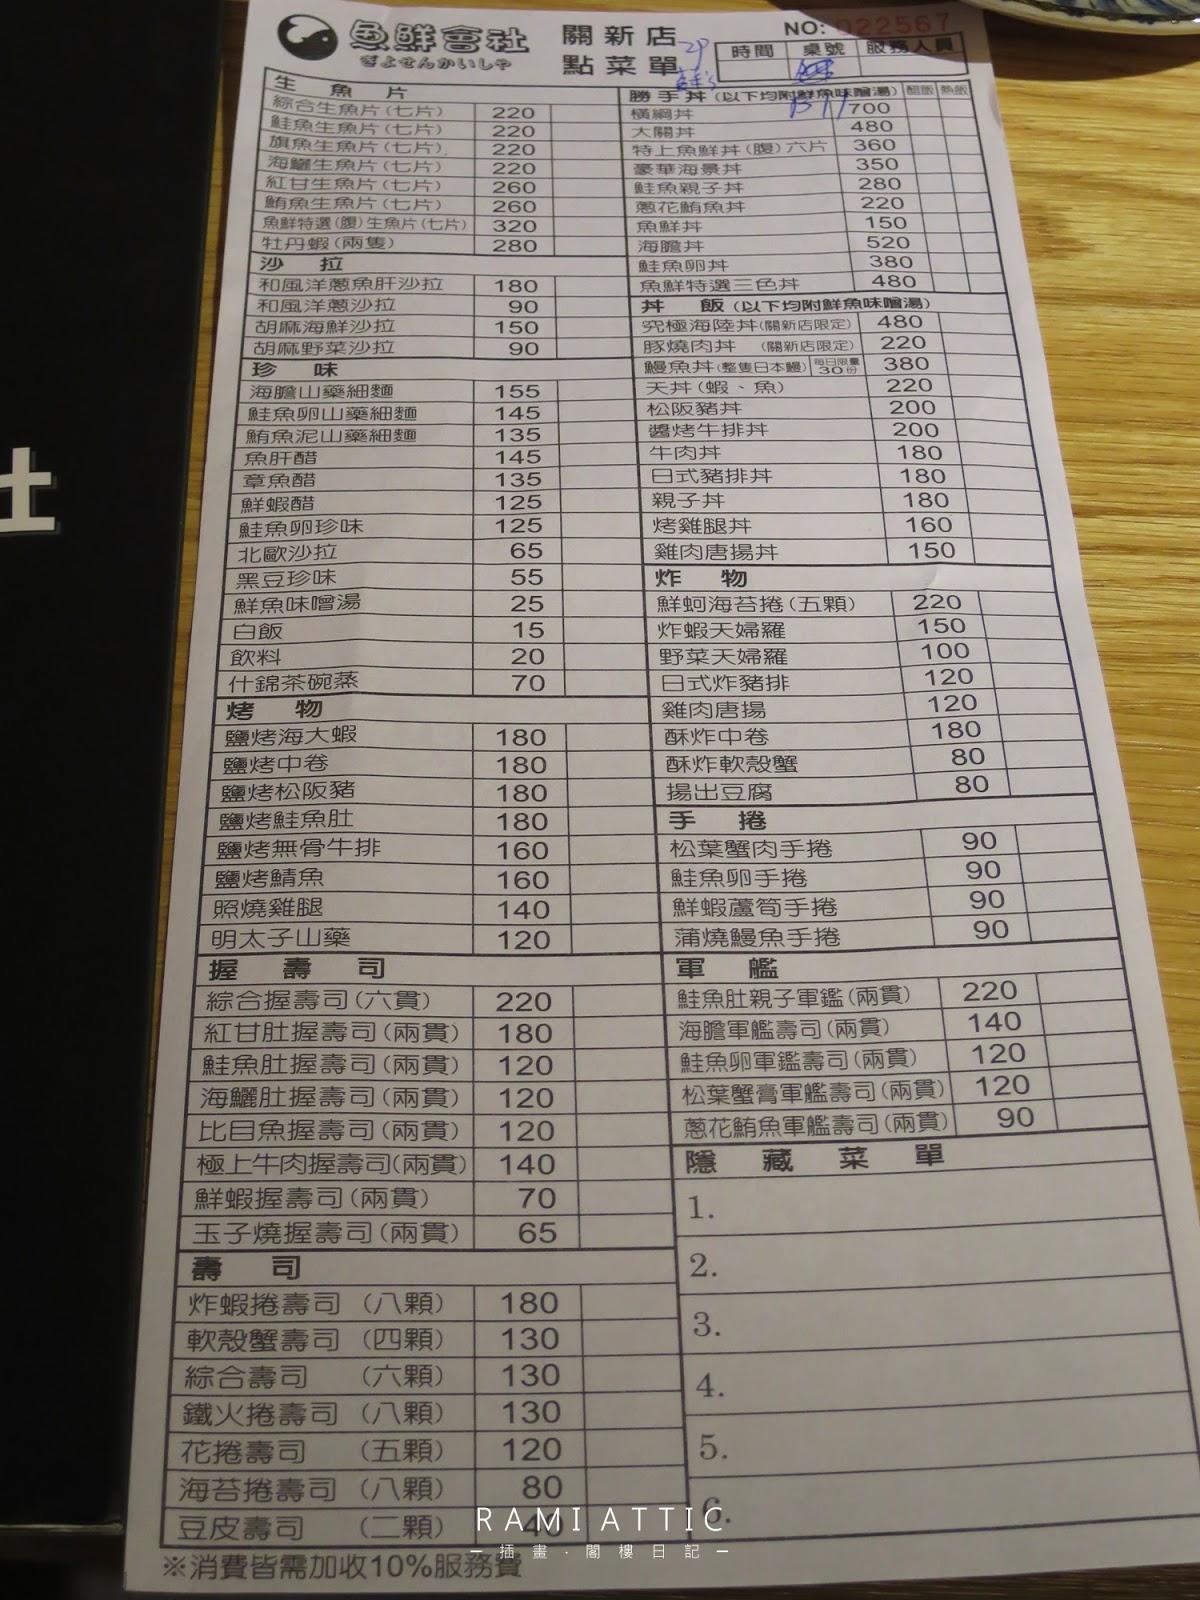 [食記] 新竹魚鮮會社(關新店) - 平價生魚片日本料理丼飯菜單 臺灣插畫家Rami(拉米)的水彩旅行日記